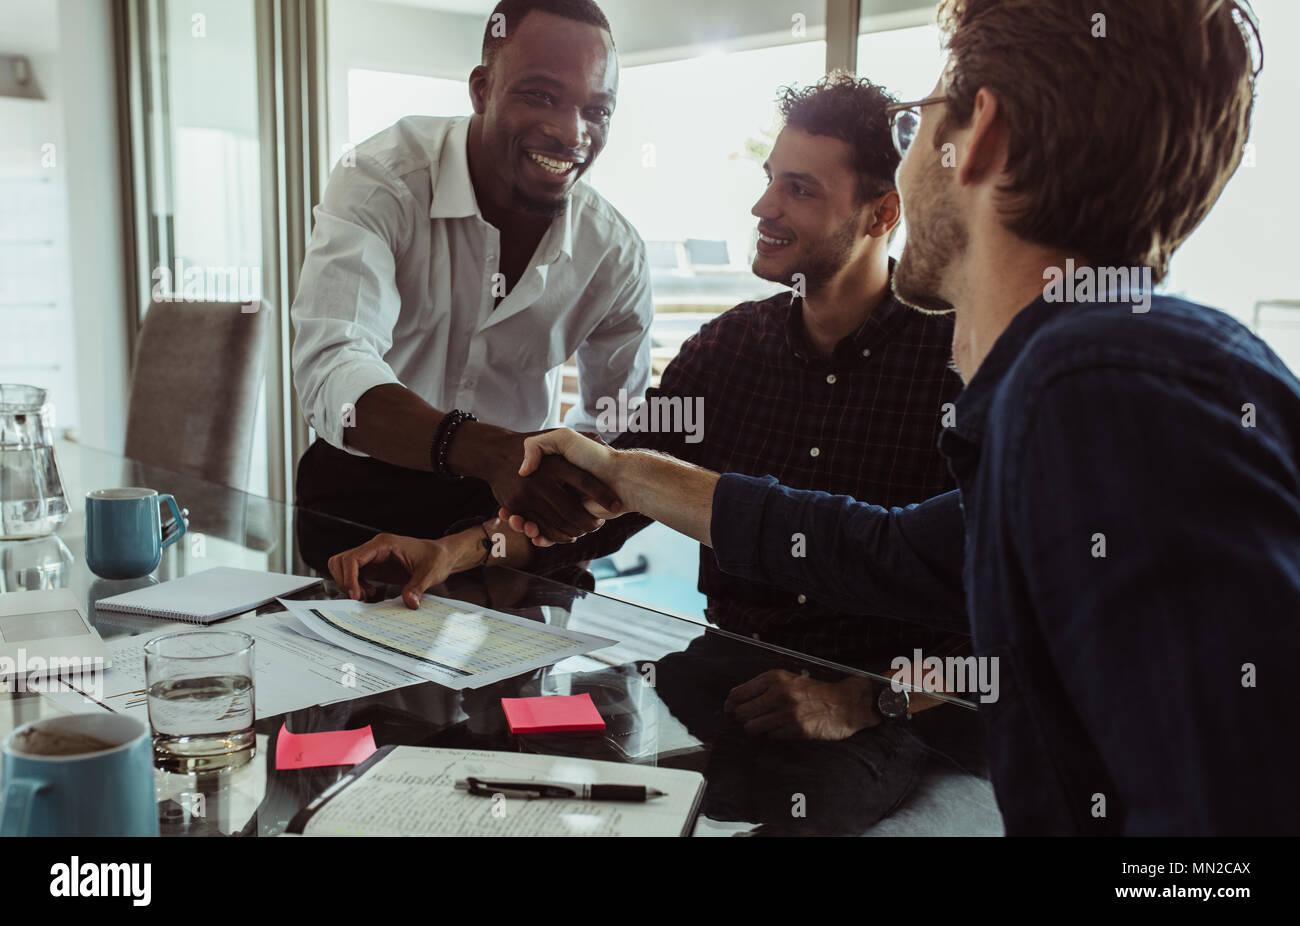 Unternehmer diskutieren Arbeit am Konferenztisch Sitzen im Büro. Männer die Hände schütteln und lächelnd während einer Konferenz. Stockbild